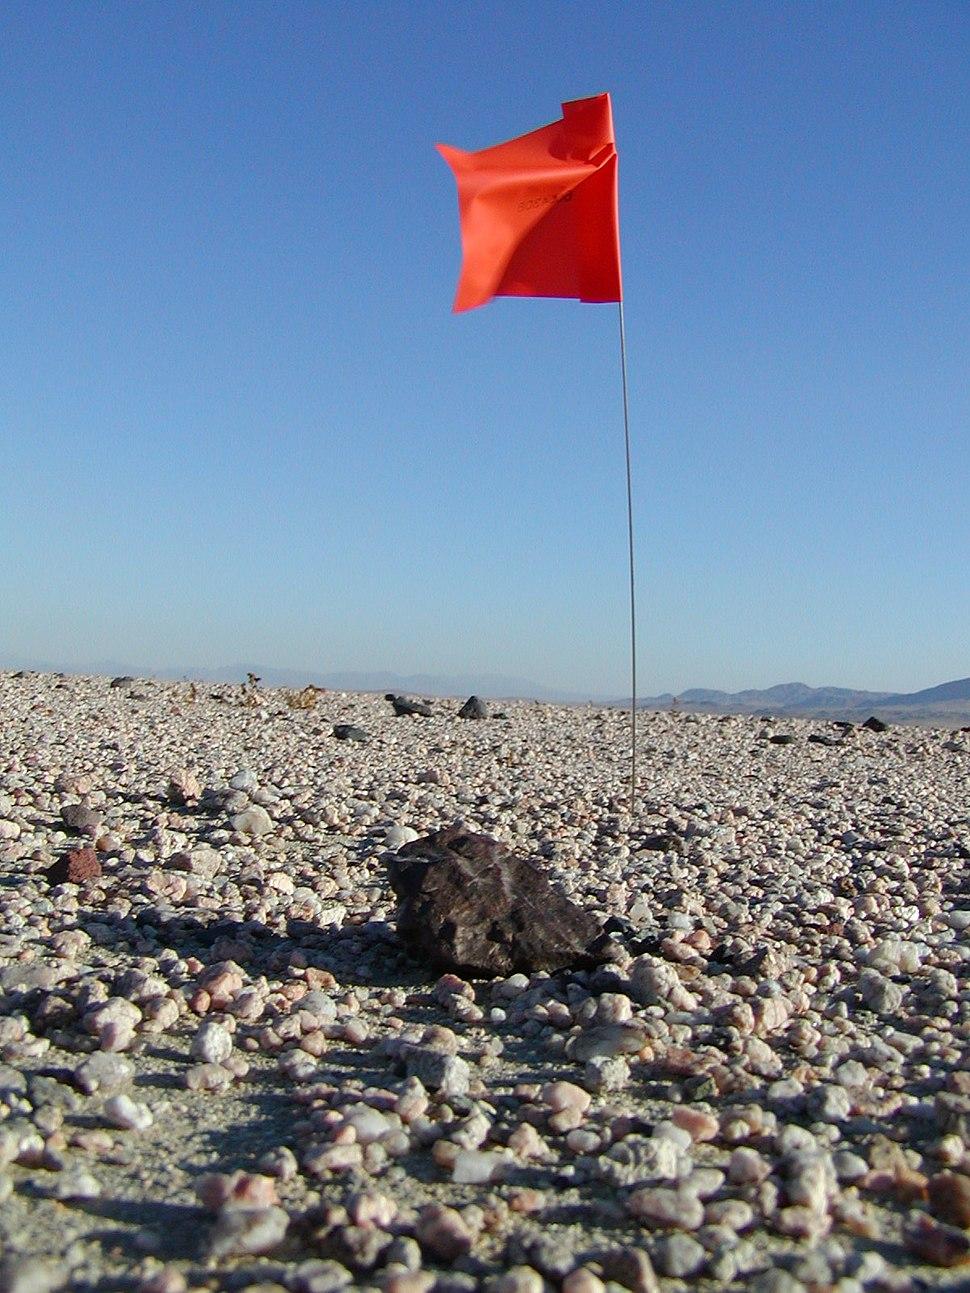 Meteorite hunting in Mojave desert